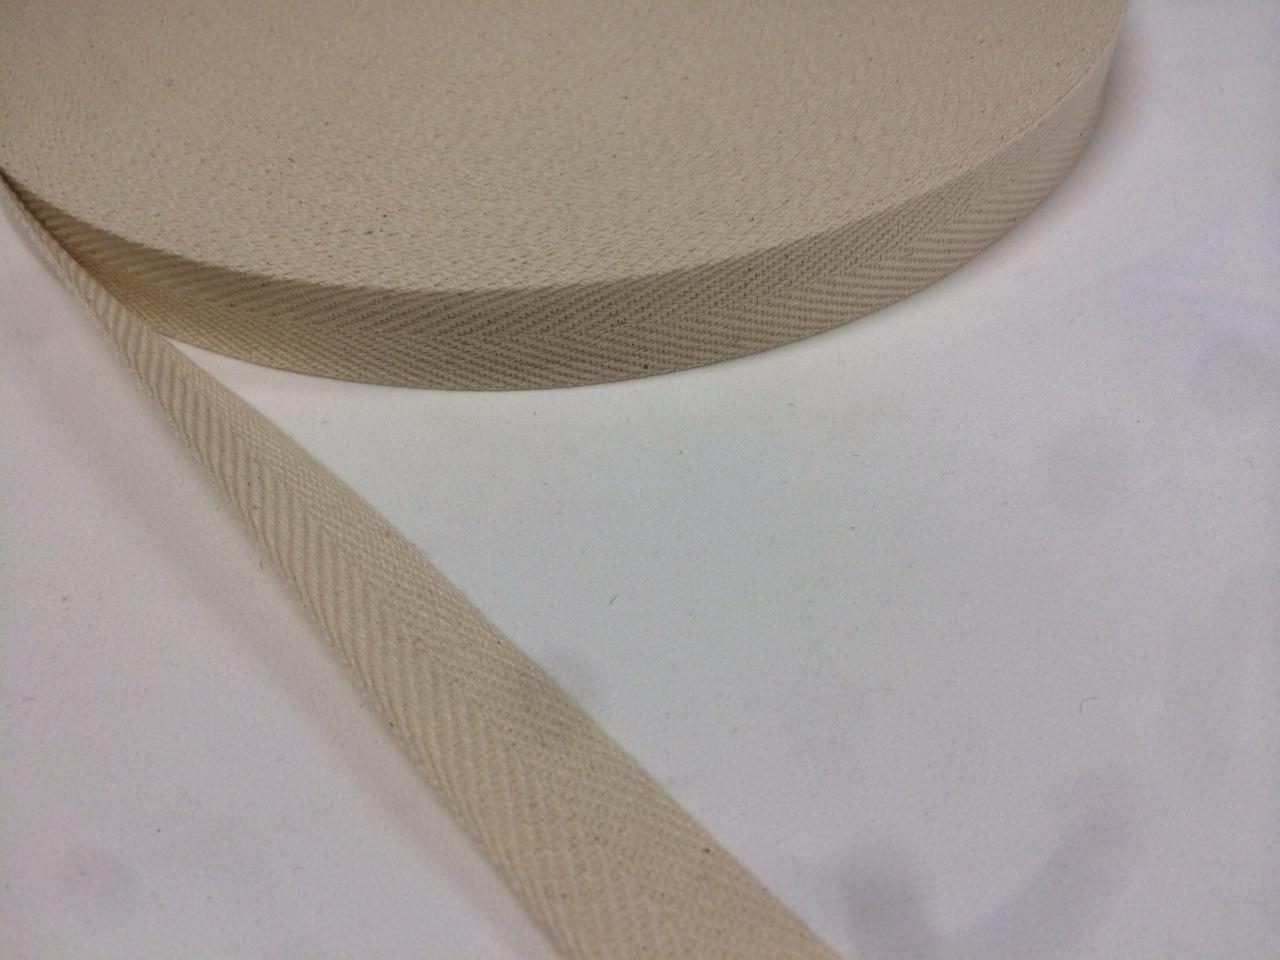 綿 コットン 杉綾 (綾テープ)二つ山 1㎜厚 50㎜幅 5m